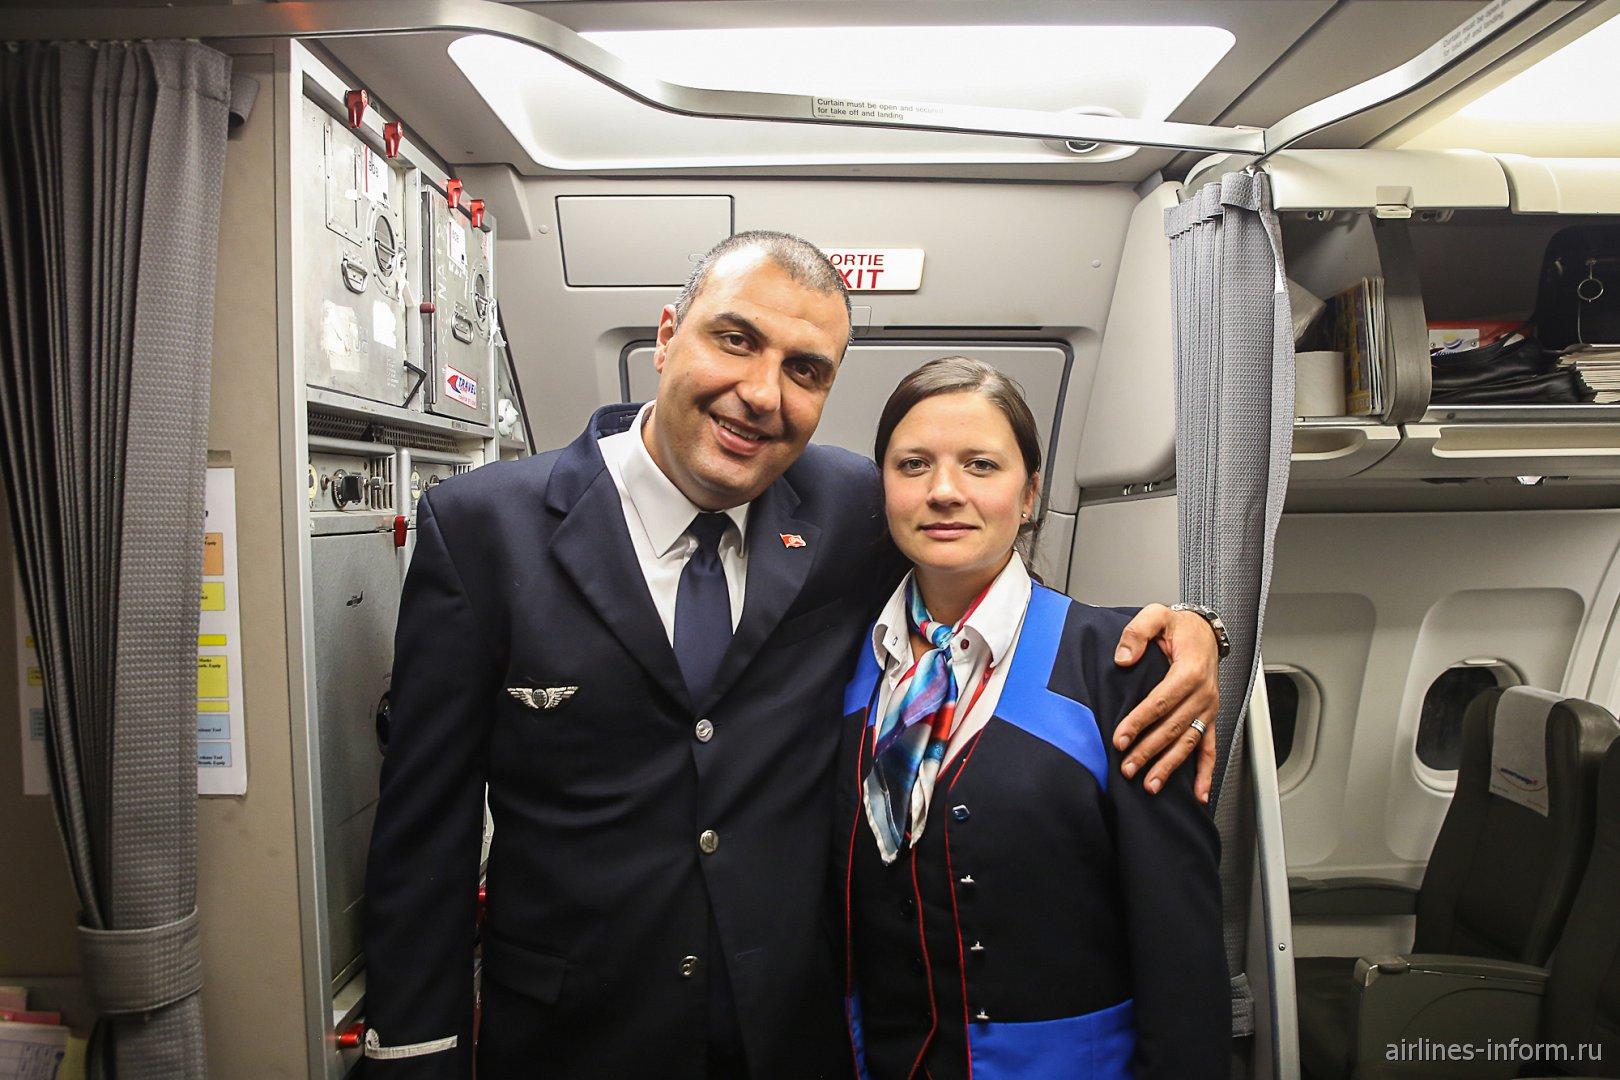 Бортпроводники авиакомпании Nouvelair